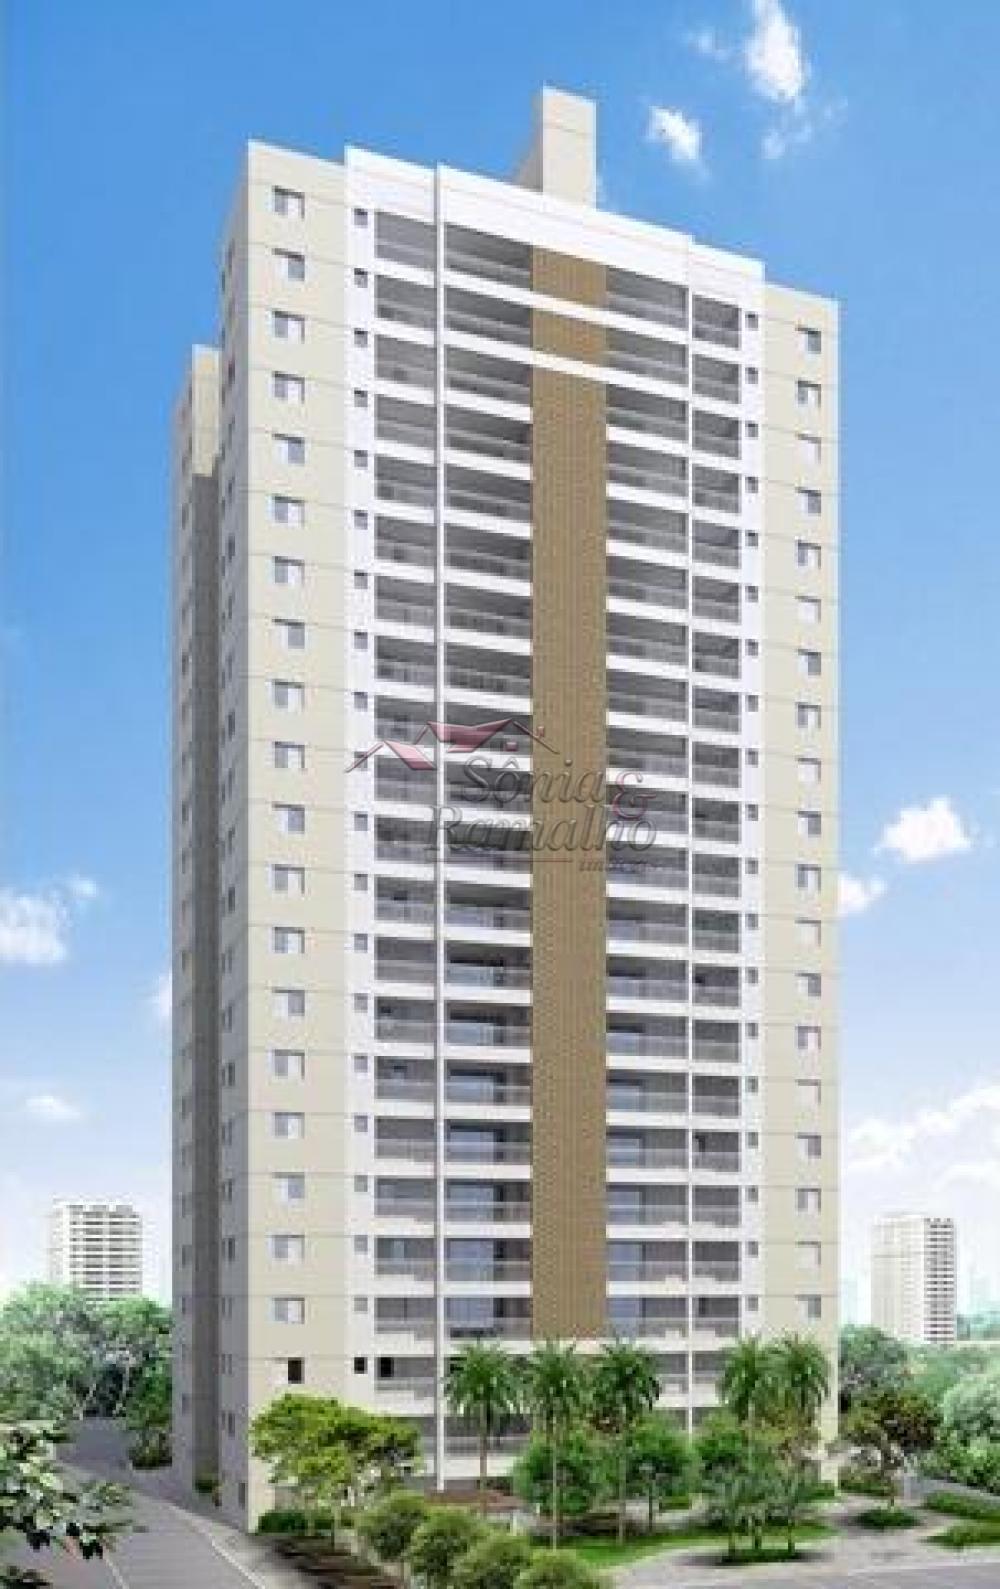 Alugar Apartamentos / Padrão em Ribeirão Preto apenas R$ 2.700,00 - Foto 25